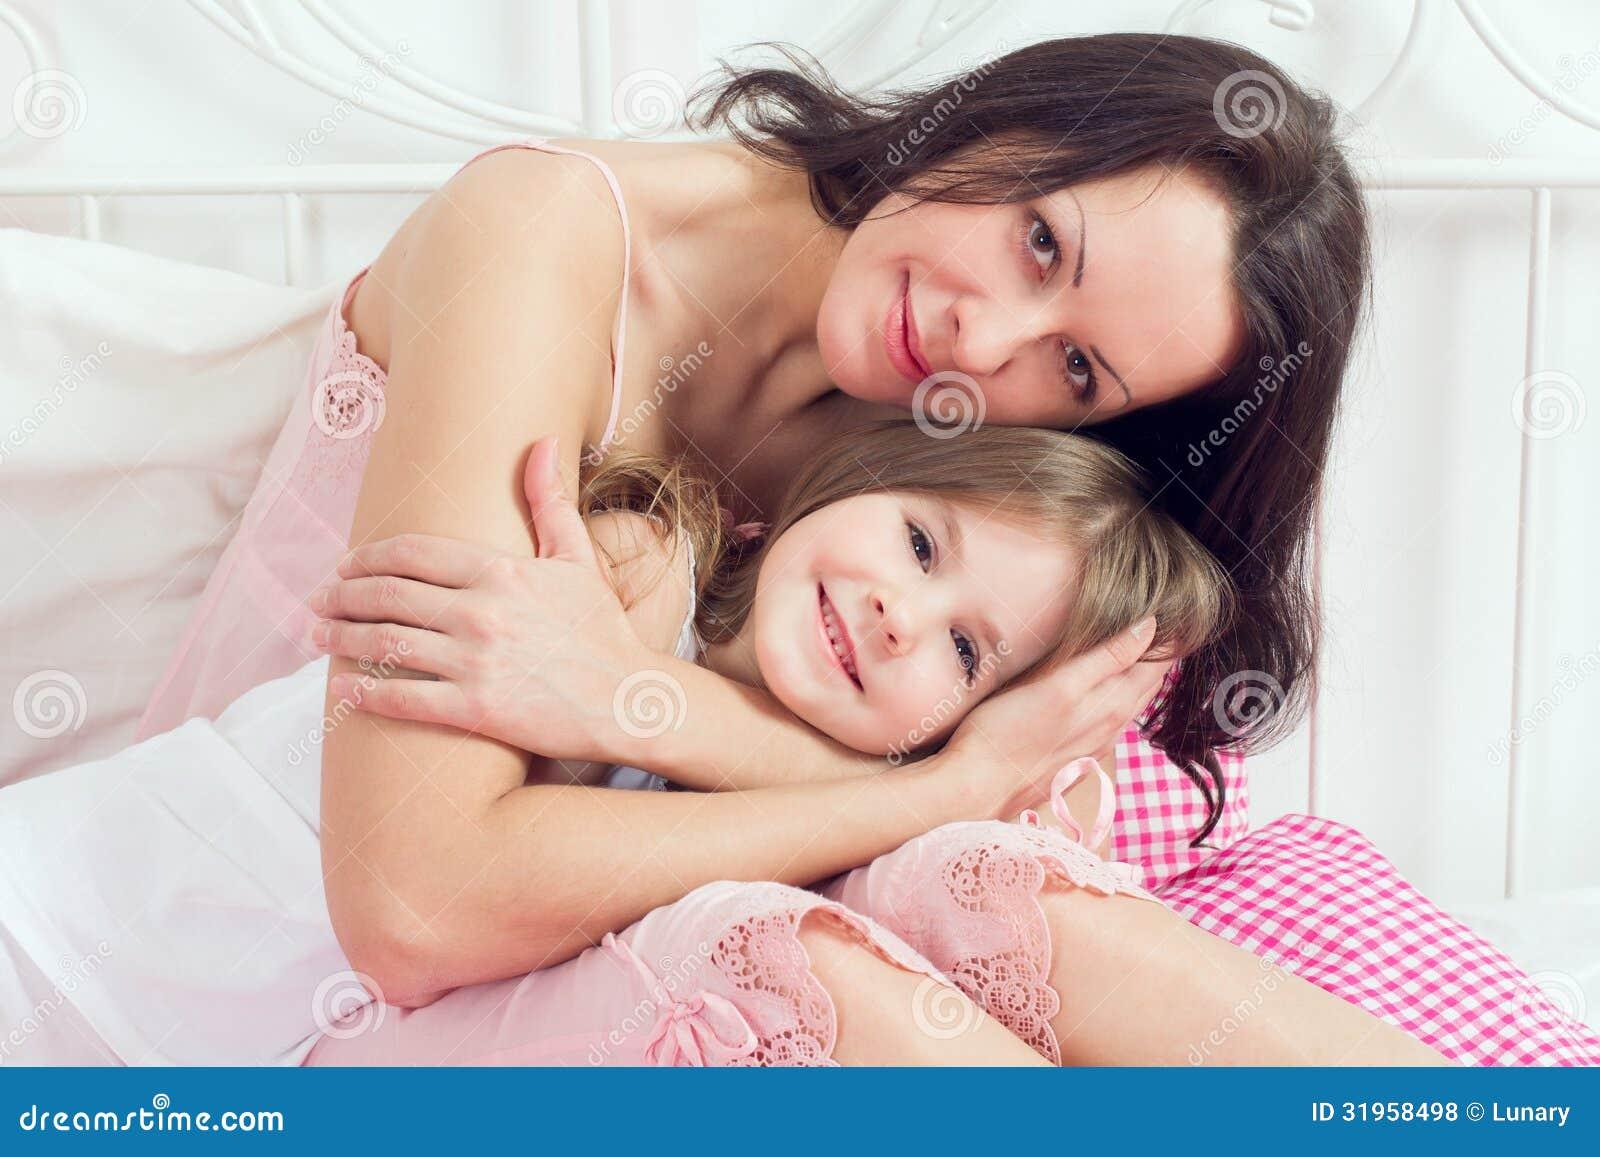 Фото голых мам сестер тети, Голая сестра - фото обнаженных сестричек 28 фотография